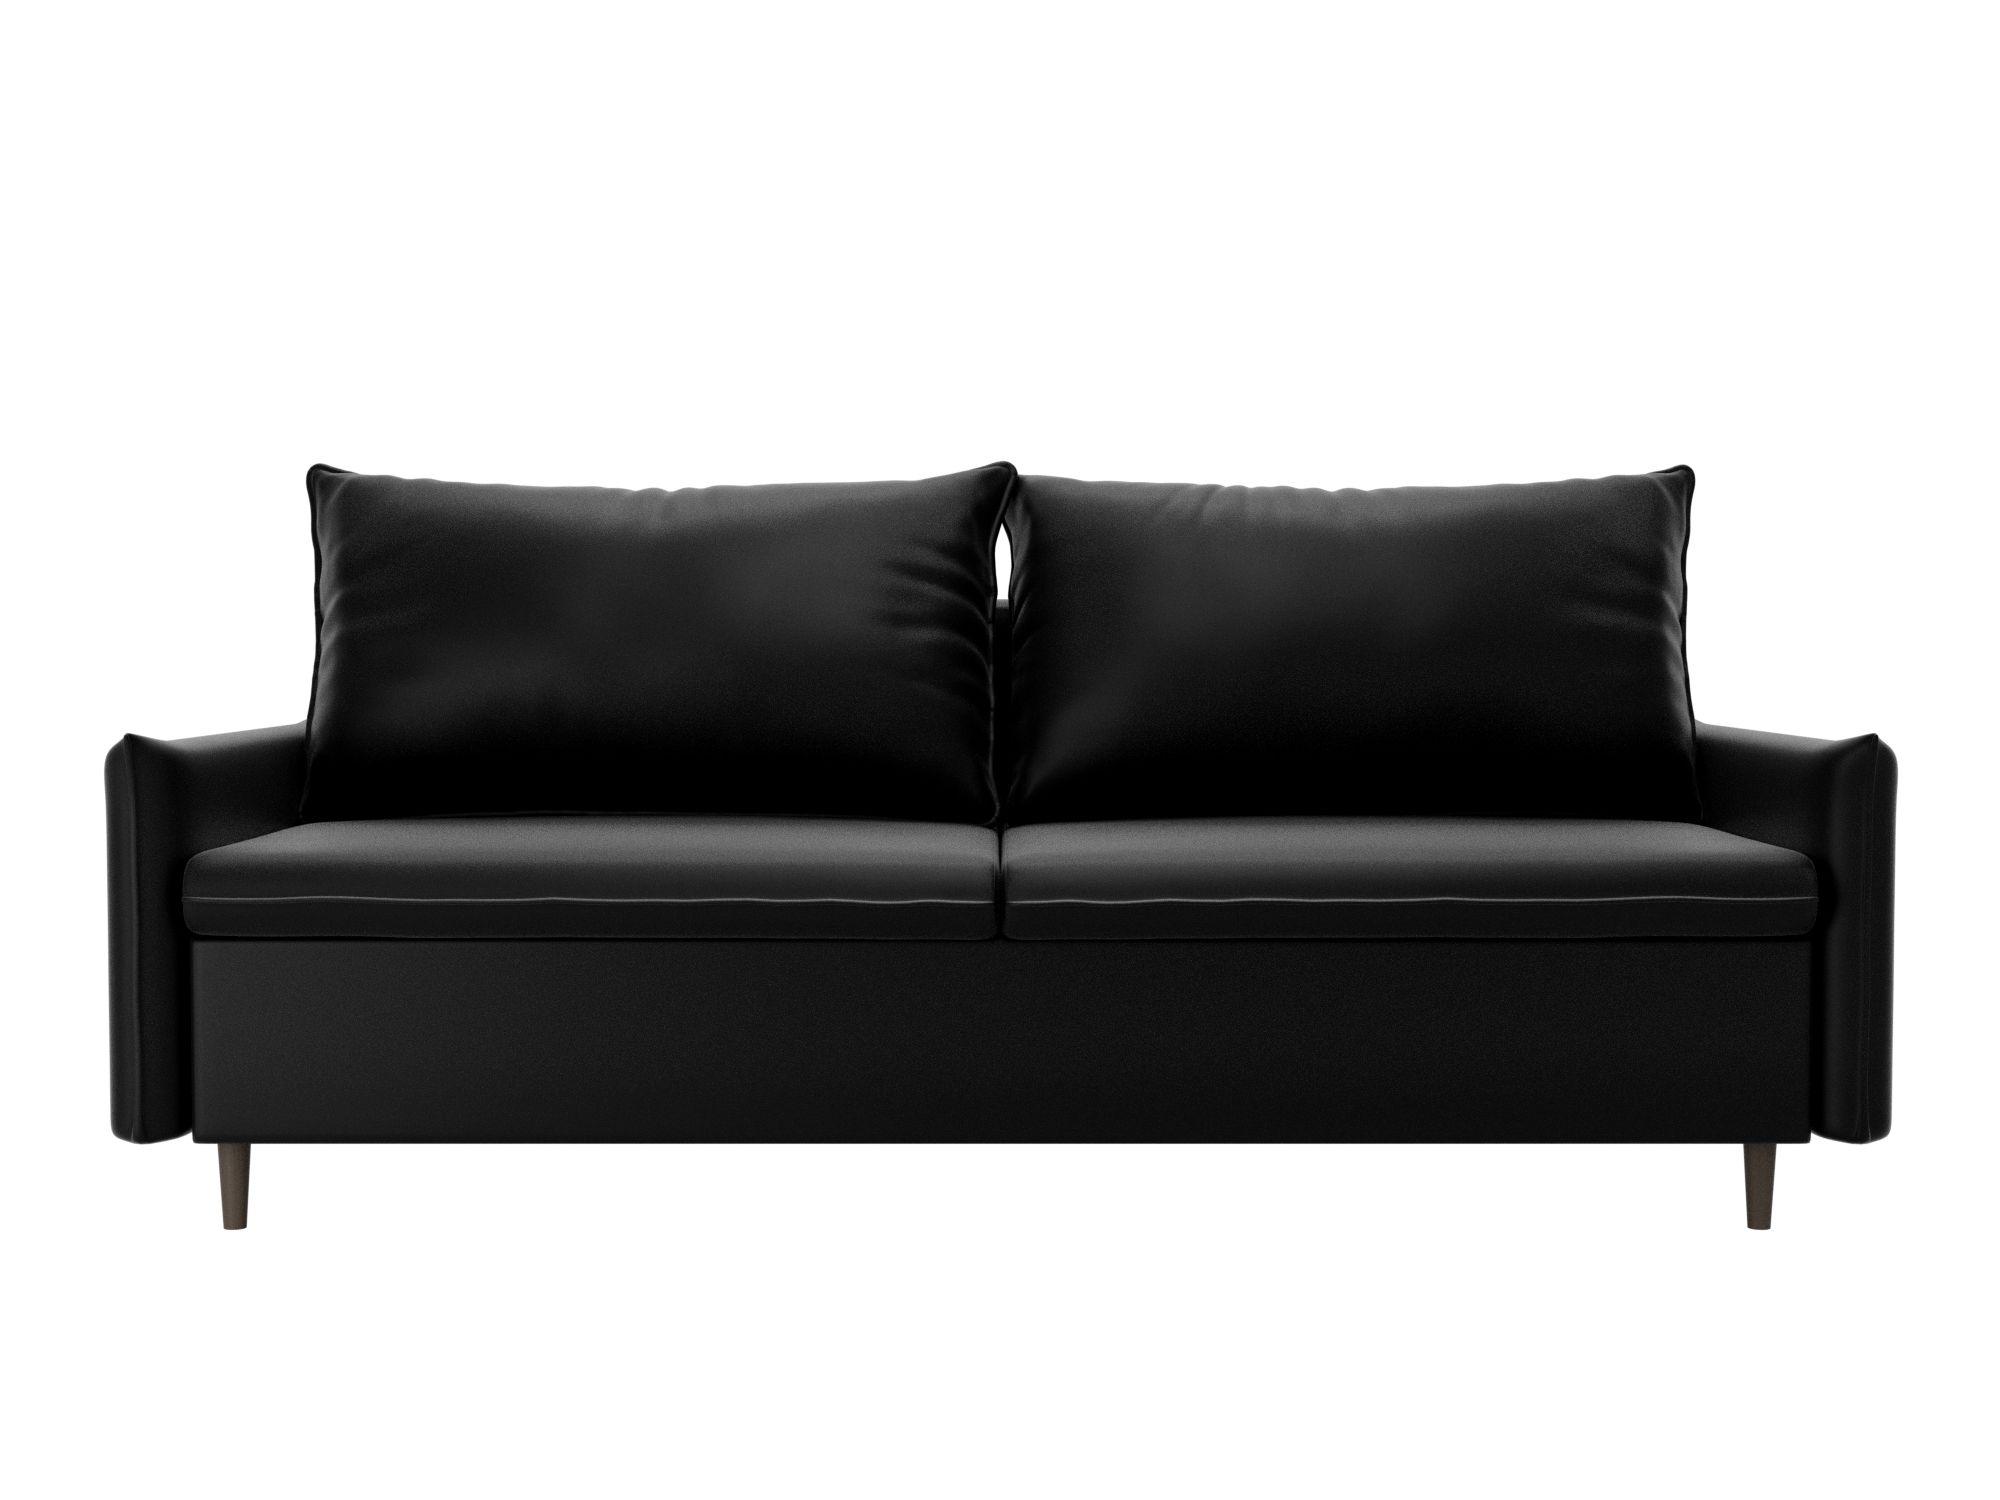 Диван Хьюстон MebelVia , Черный, Искусственная кожа, ЛДСП диван шарль люкс mebelvia белый черный искусственная кожа лдсп фан